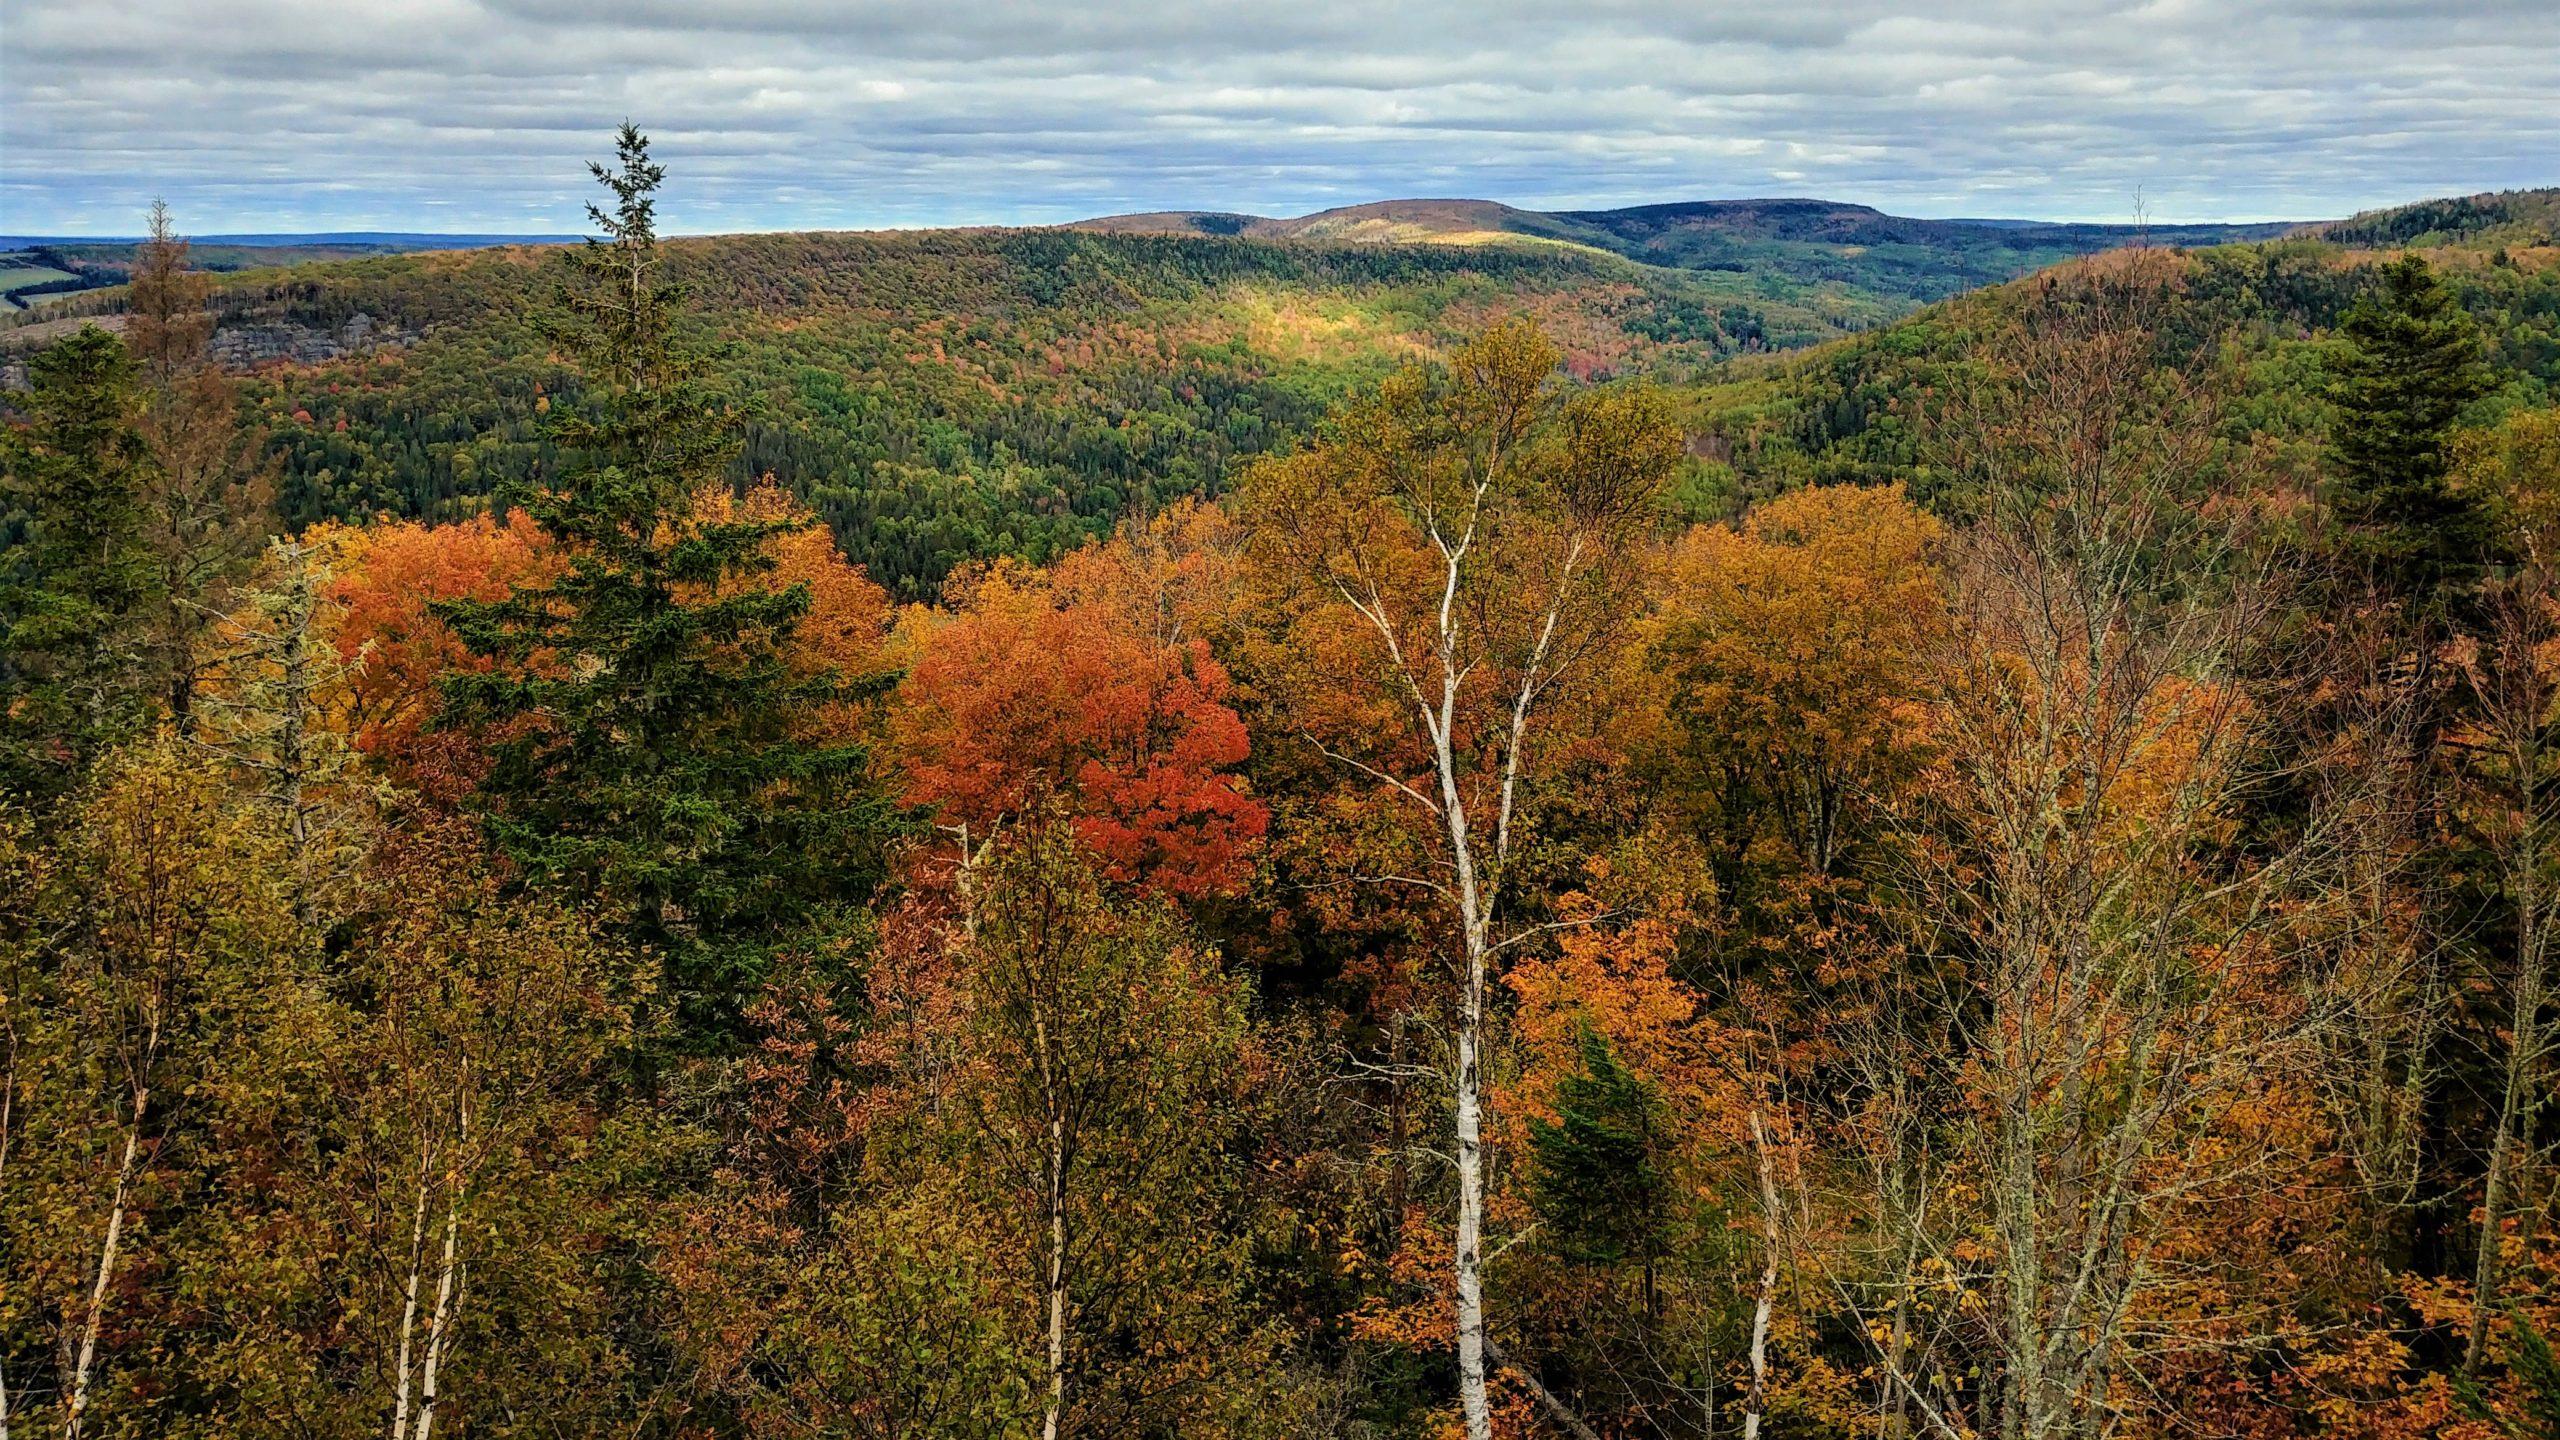 Randonnée couleurs automne Nouveau-Brunswick - Poley Mountain Sussex